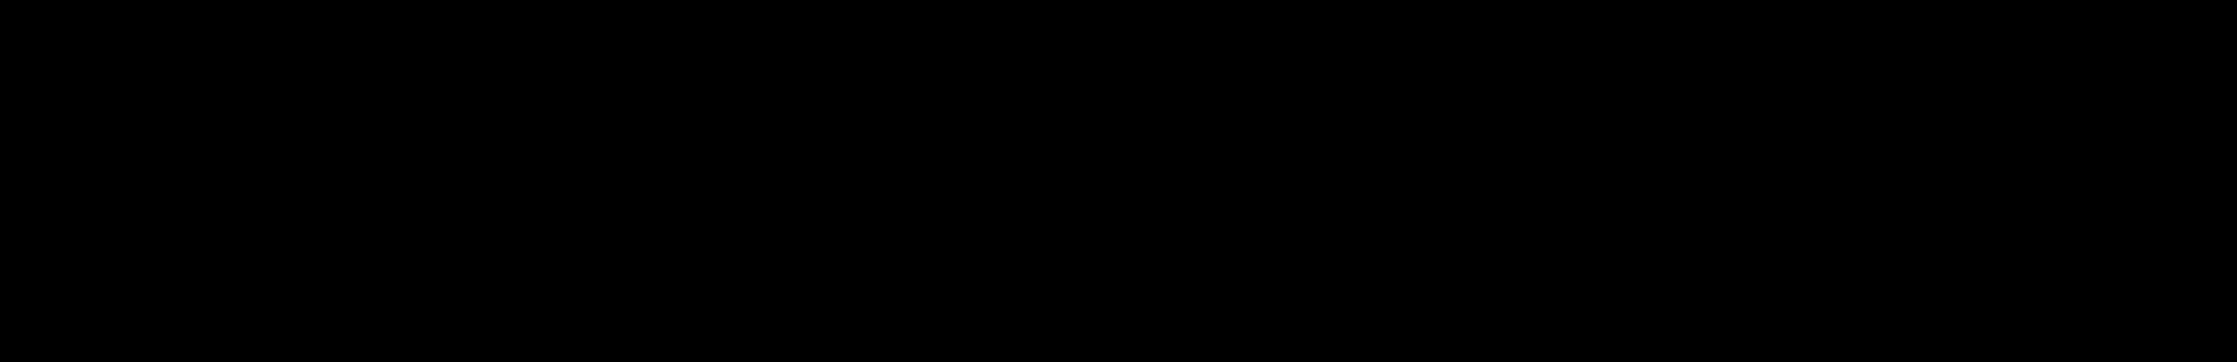 Oktávy s basovým ořez